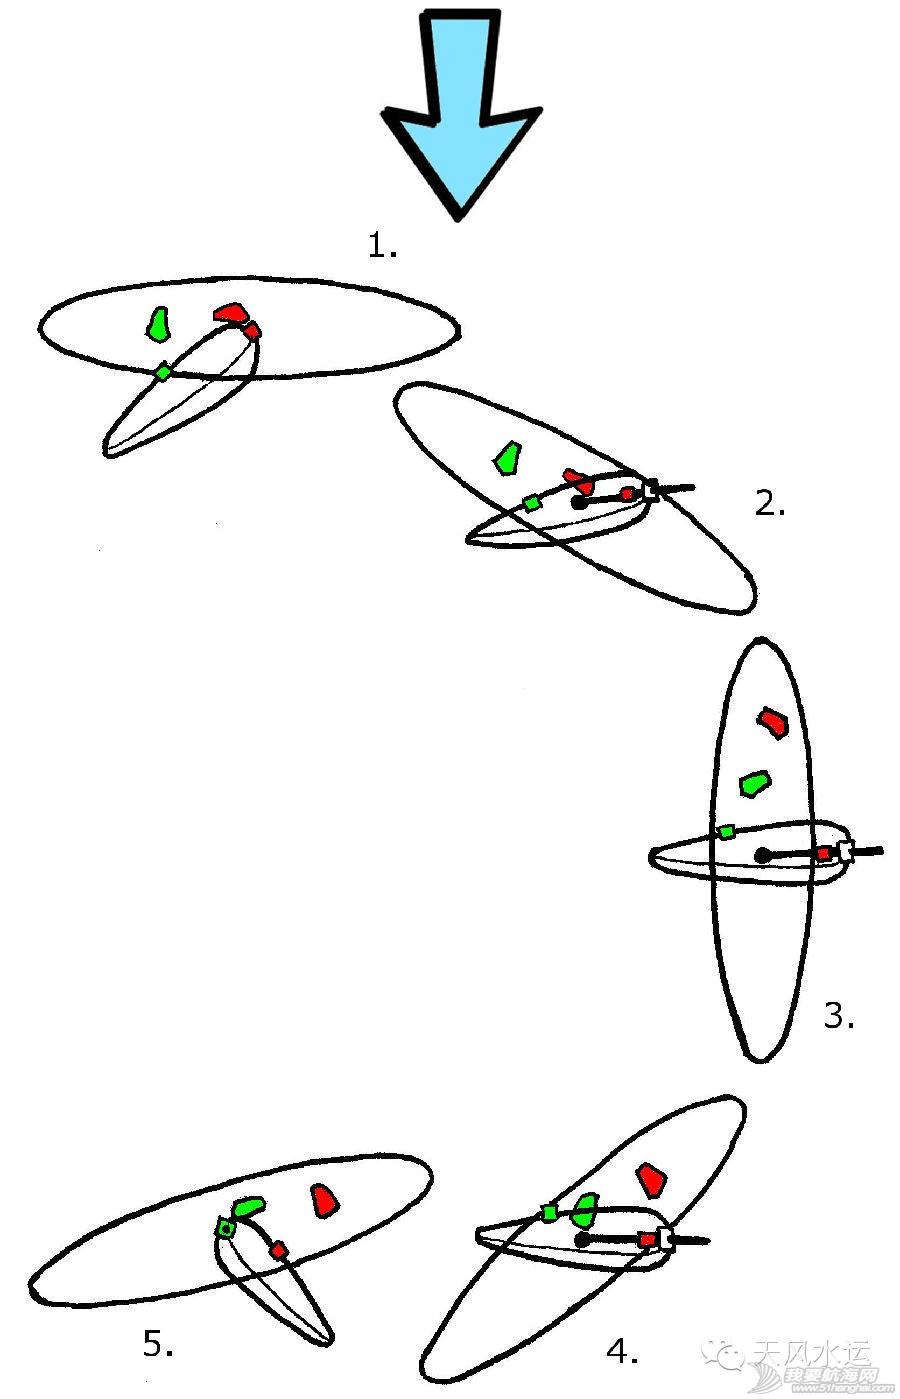 顺风调头,帆板驾驶 上次介绍了逆风调头,今天学习一个方向相反的调头动作——顺风调头 2.jpg